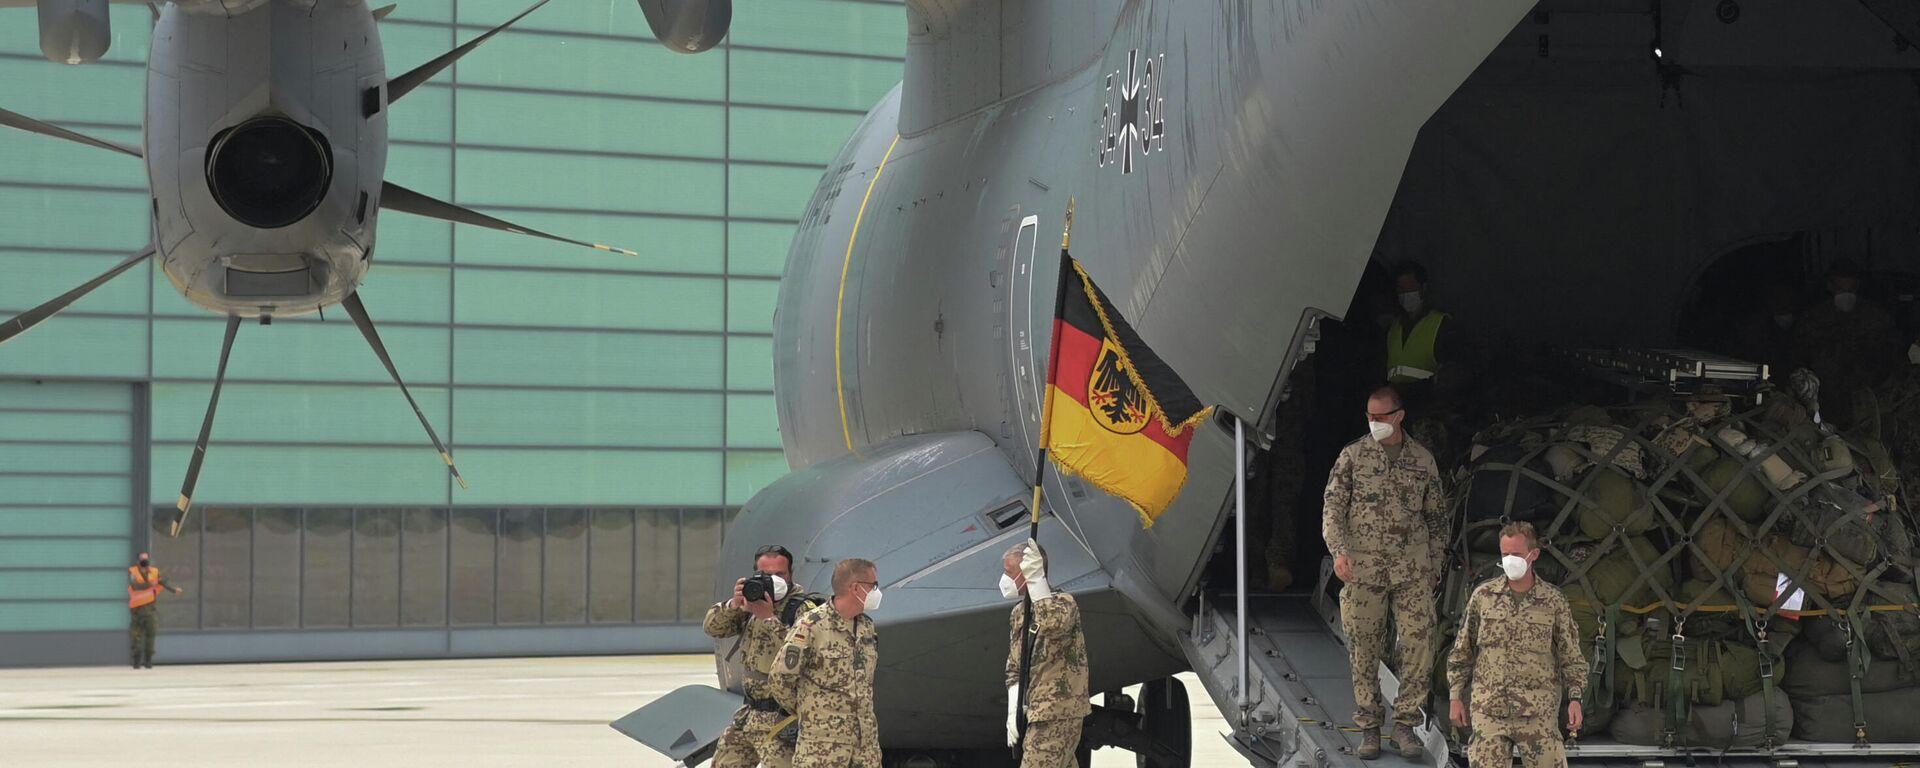 Soldaten der Bundeswehr gehen am 30. Juni 2021 mit der Truppenflagge einer Airbus A400M-Fracht auf dem Militärflugplatz in Wunstorf, Norddeutschland, aus. Symbolfoto - SNA, 1920, 16.08.2021